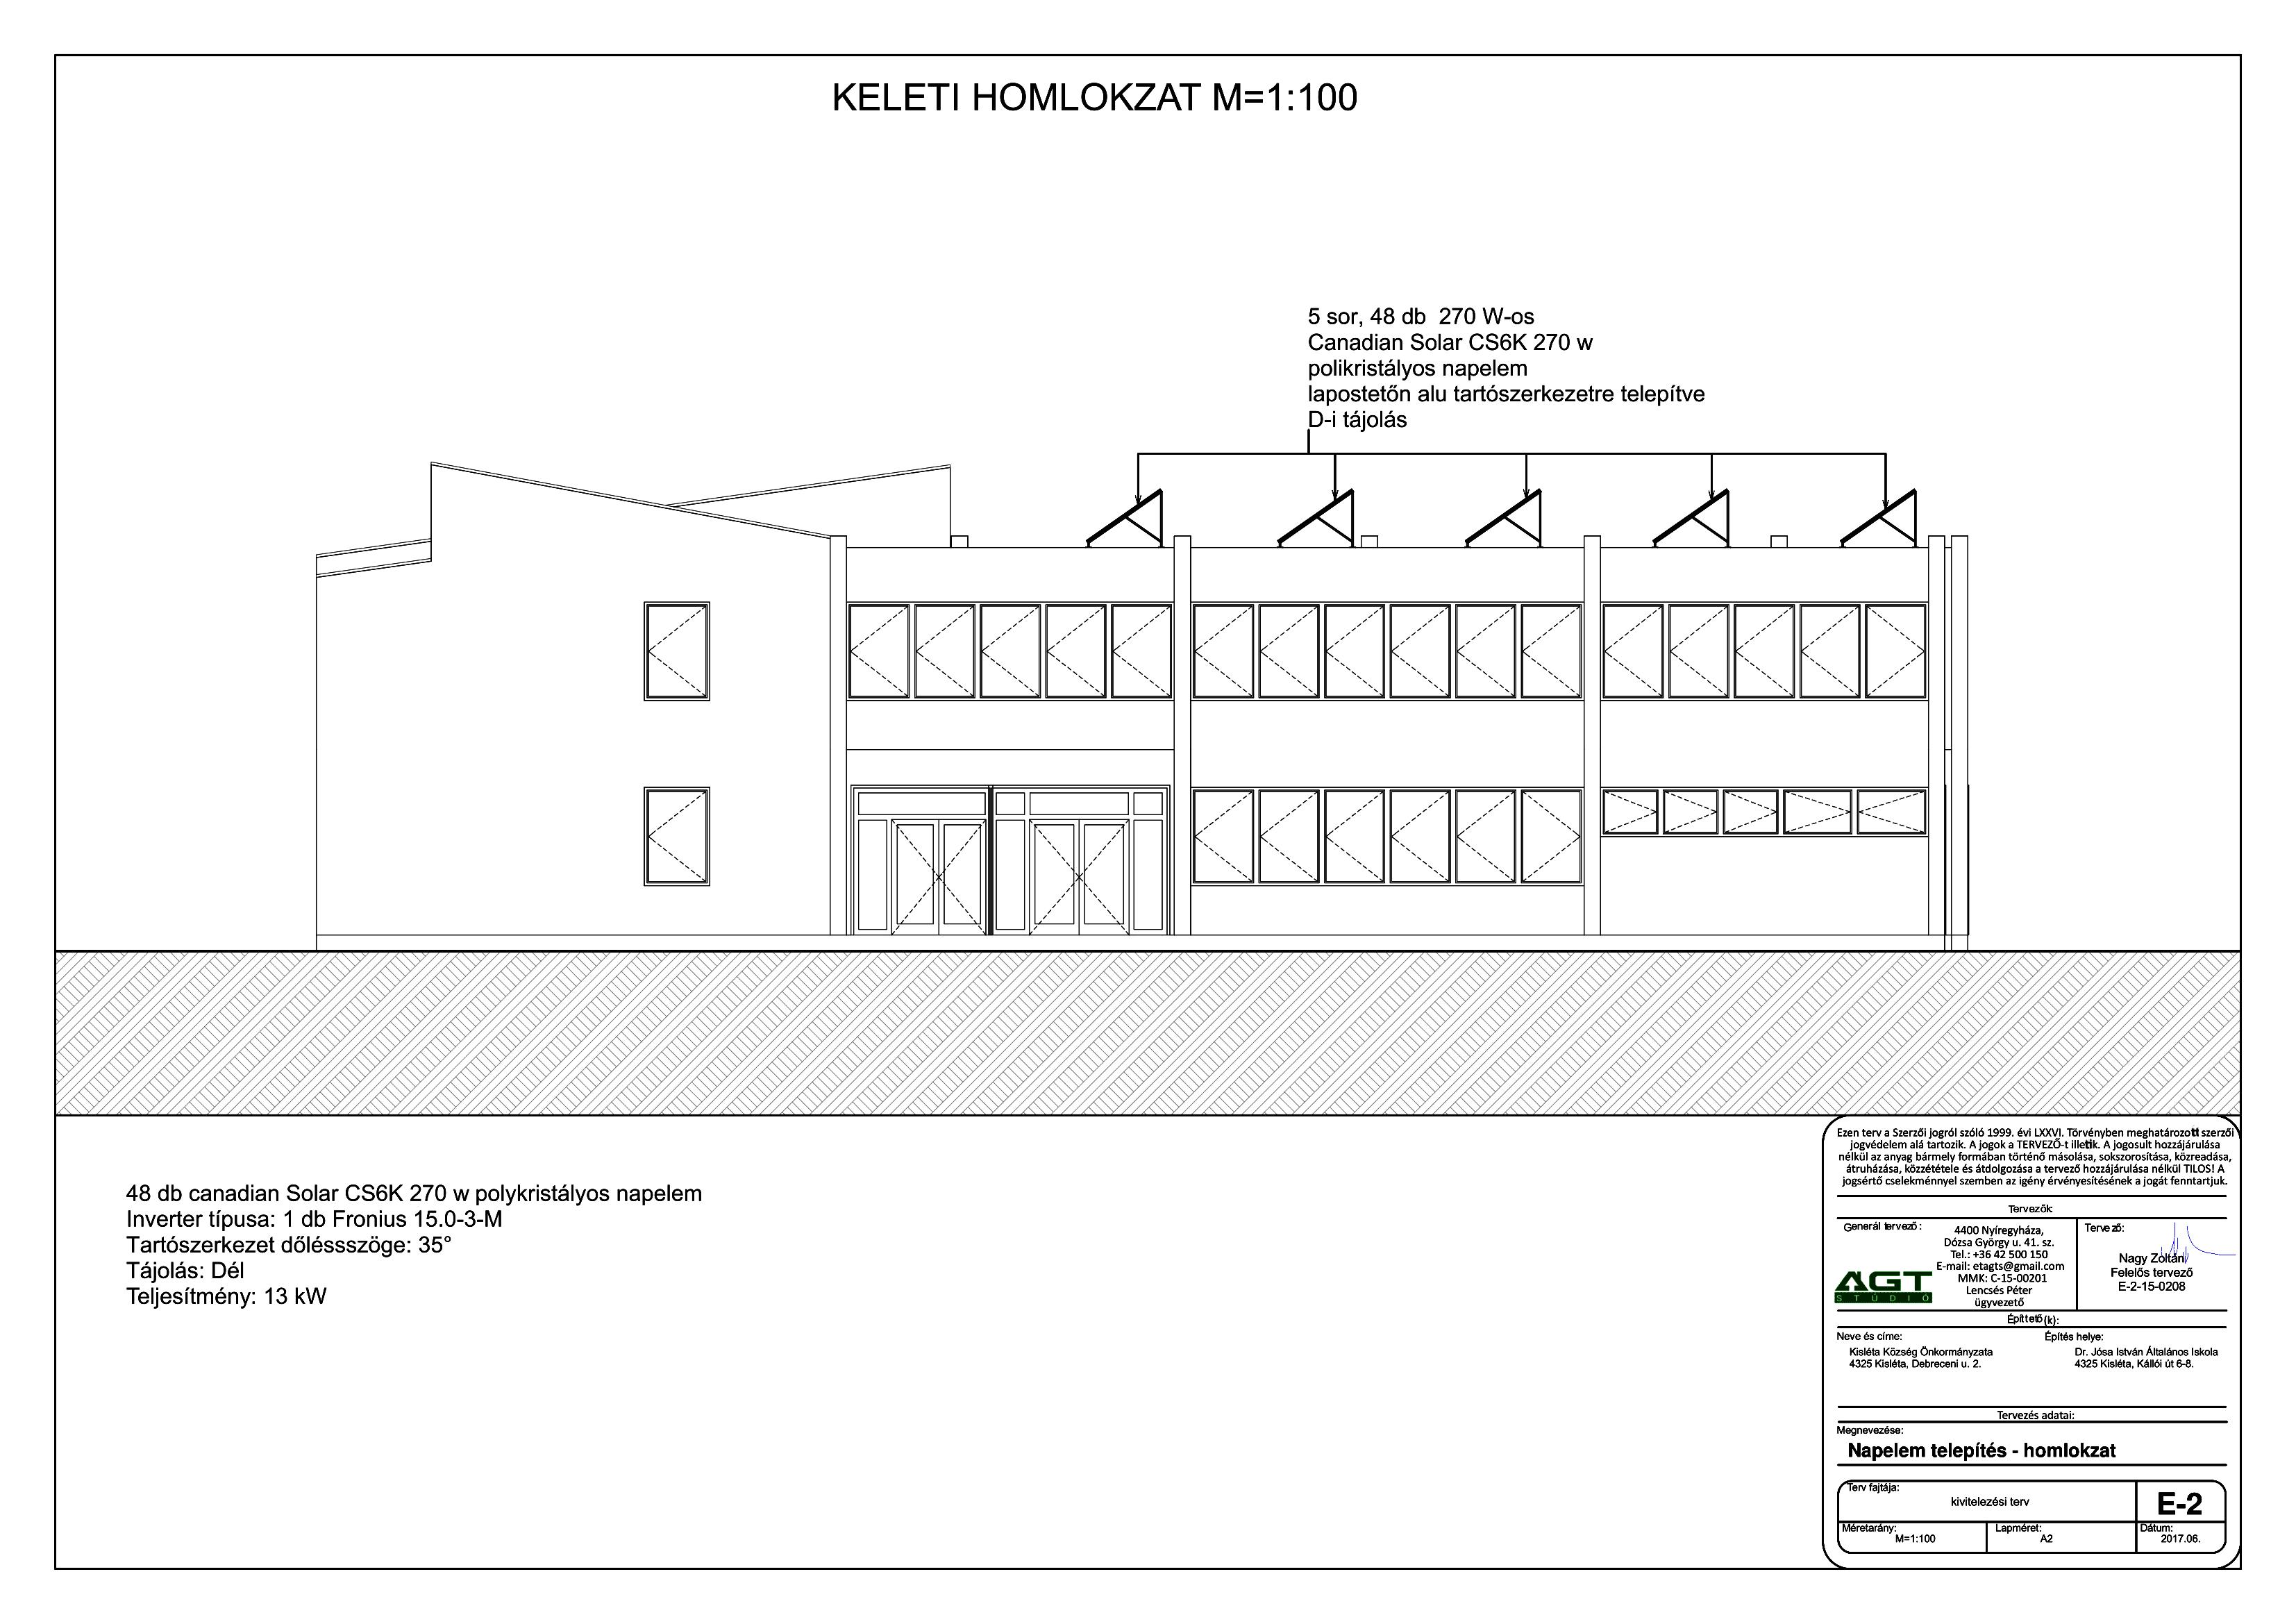 Kisléta - Iskola - Napelem telepítés - homlokzat-1